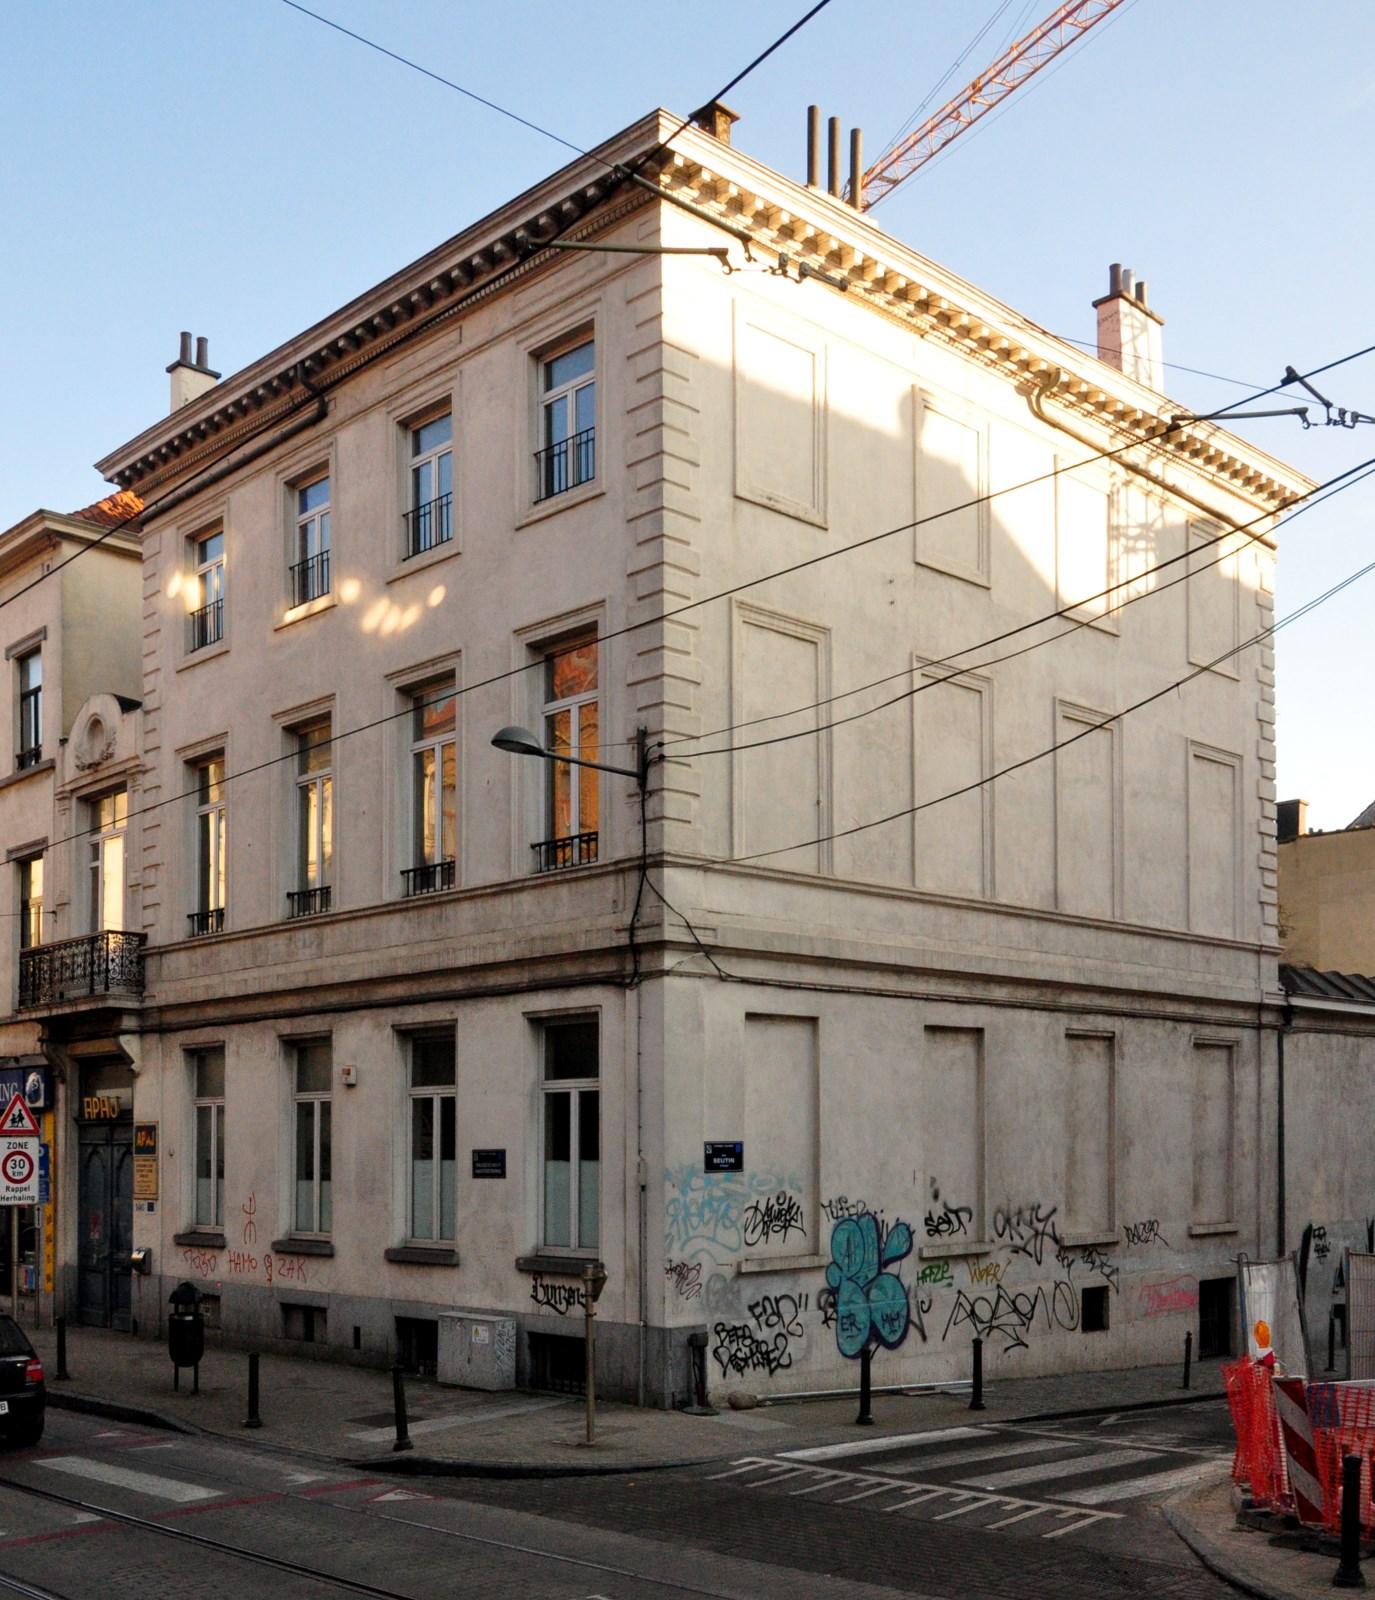 Chaussée de Haecht 146, 2012